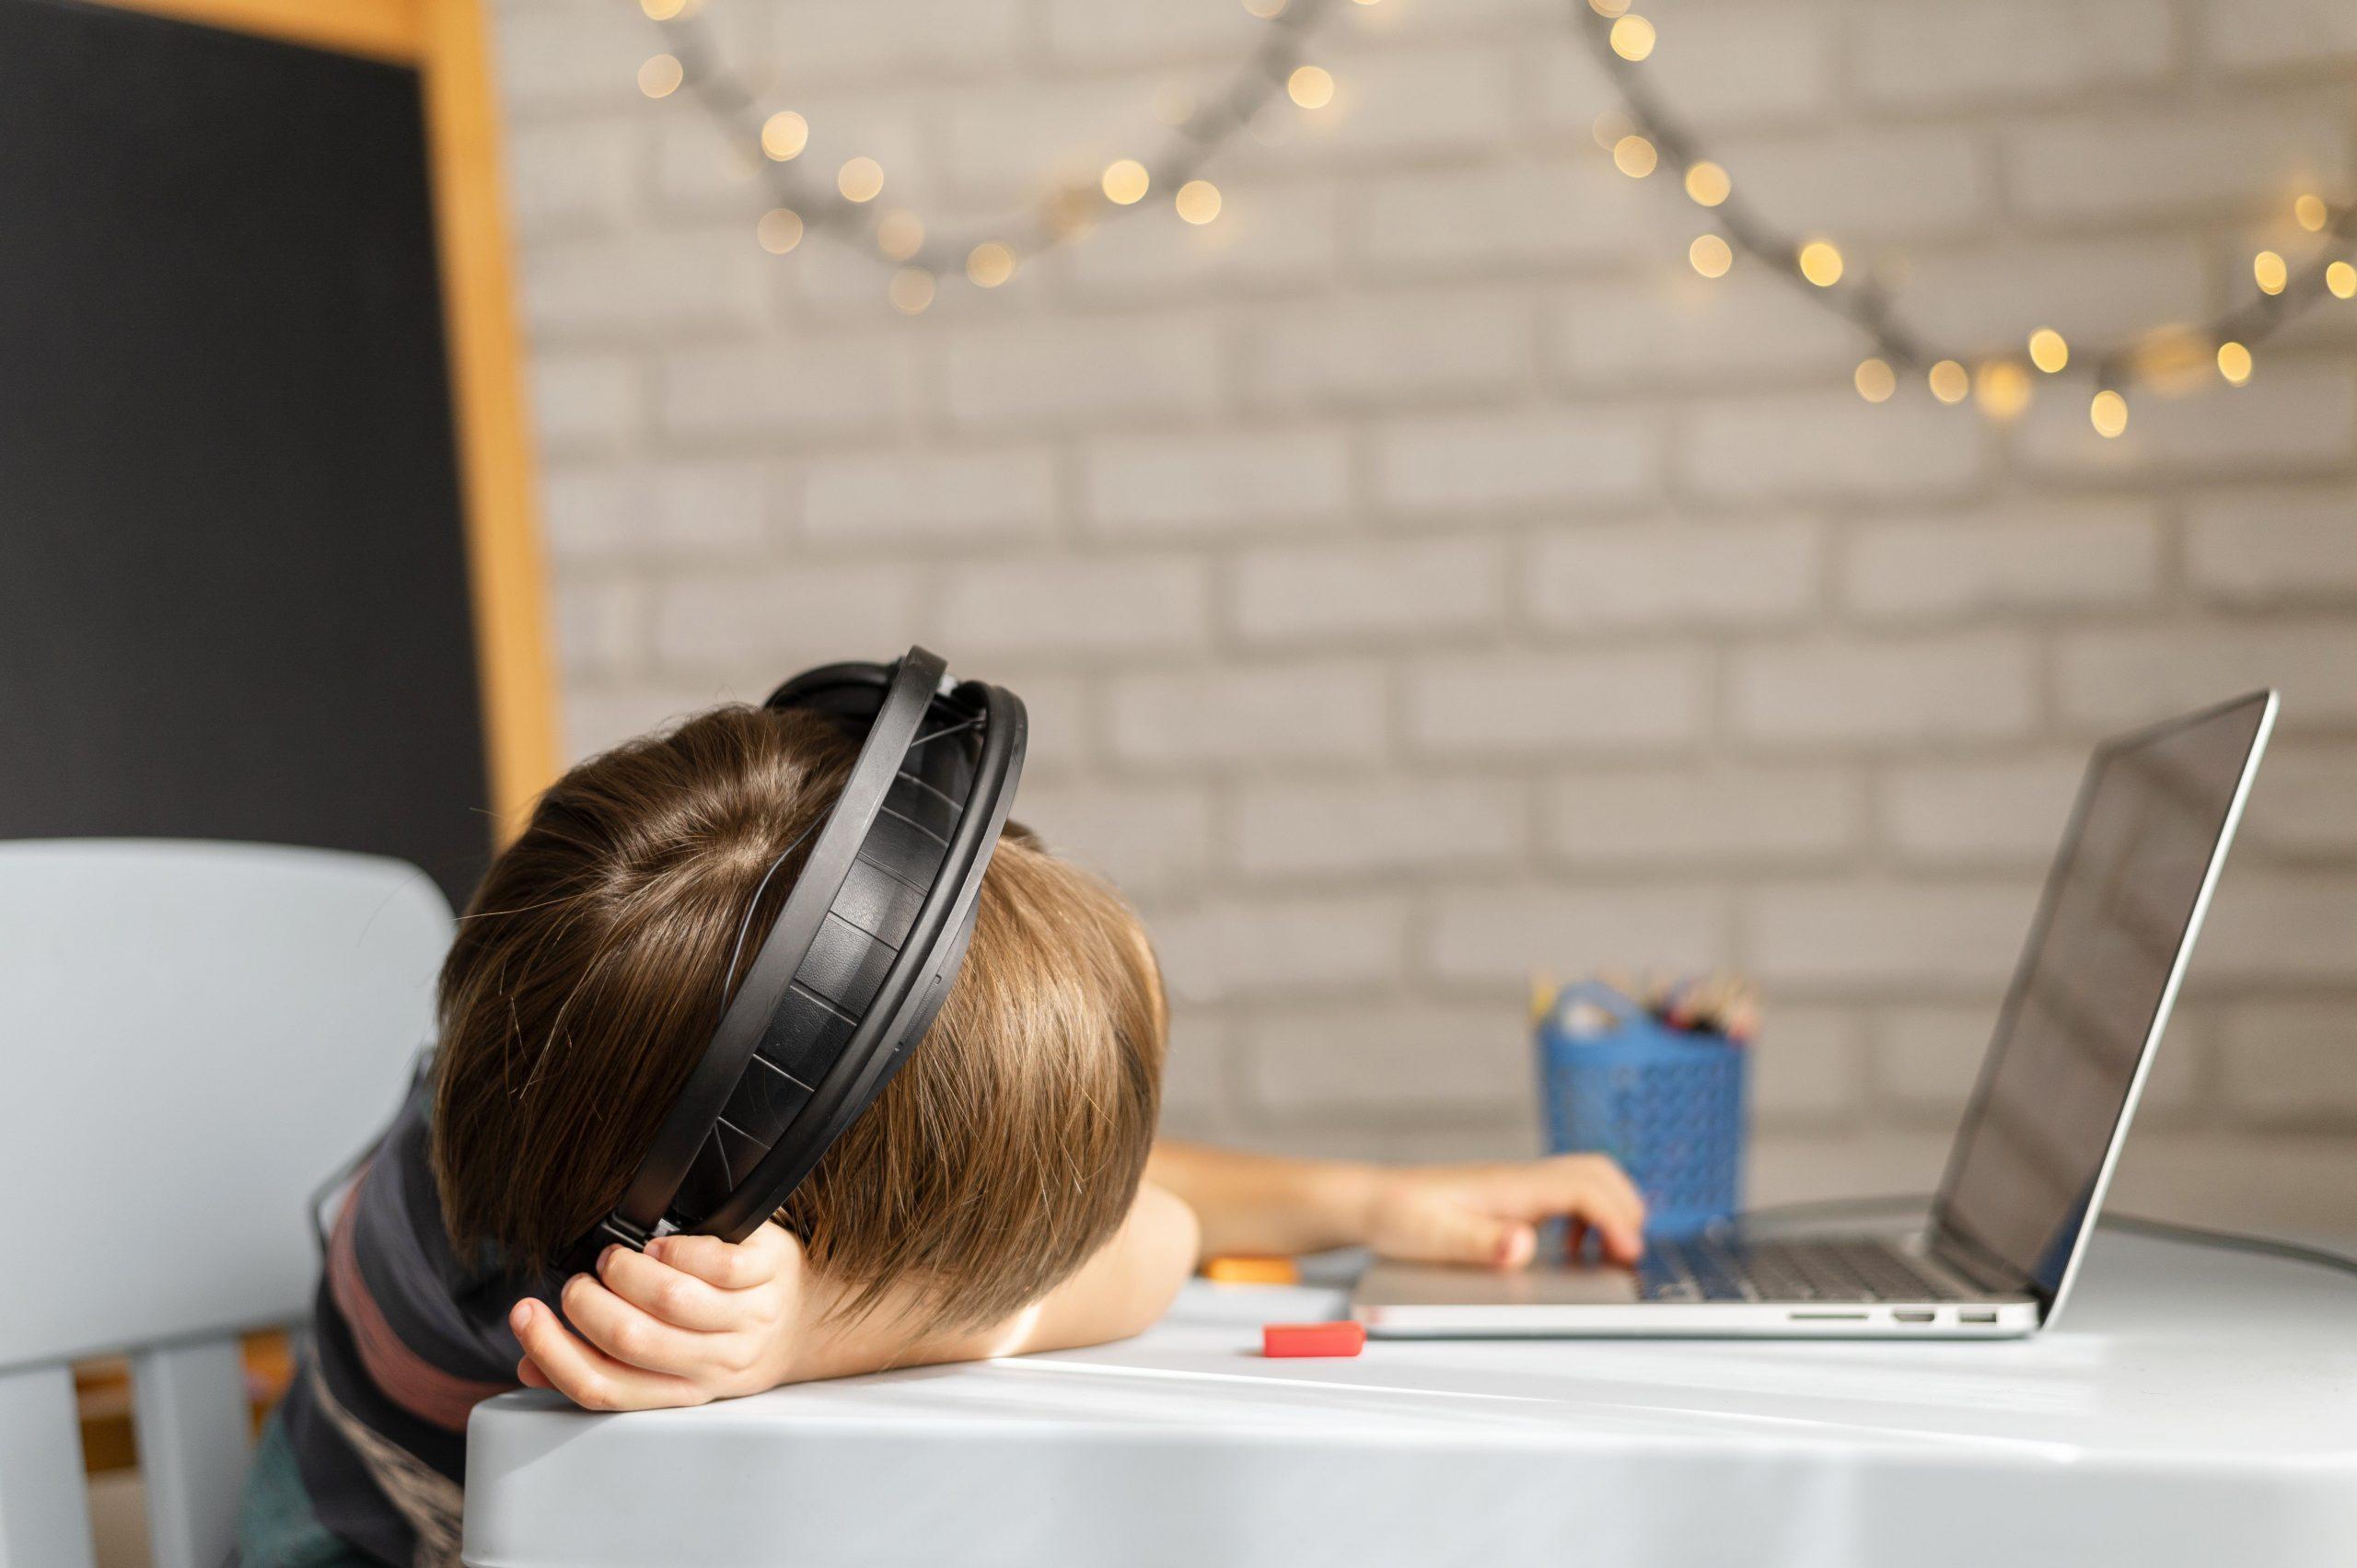 Pomagajte otrokom pri soočanju s stresom med epidemijo